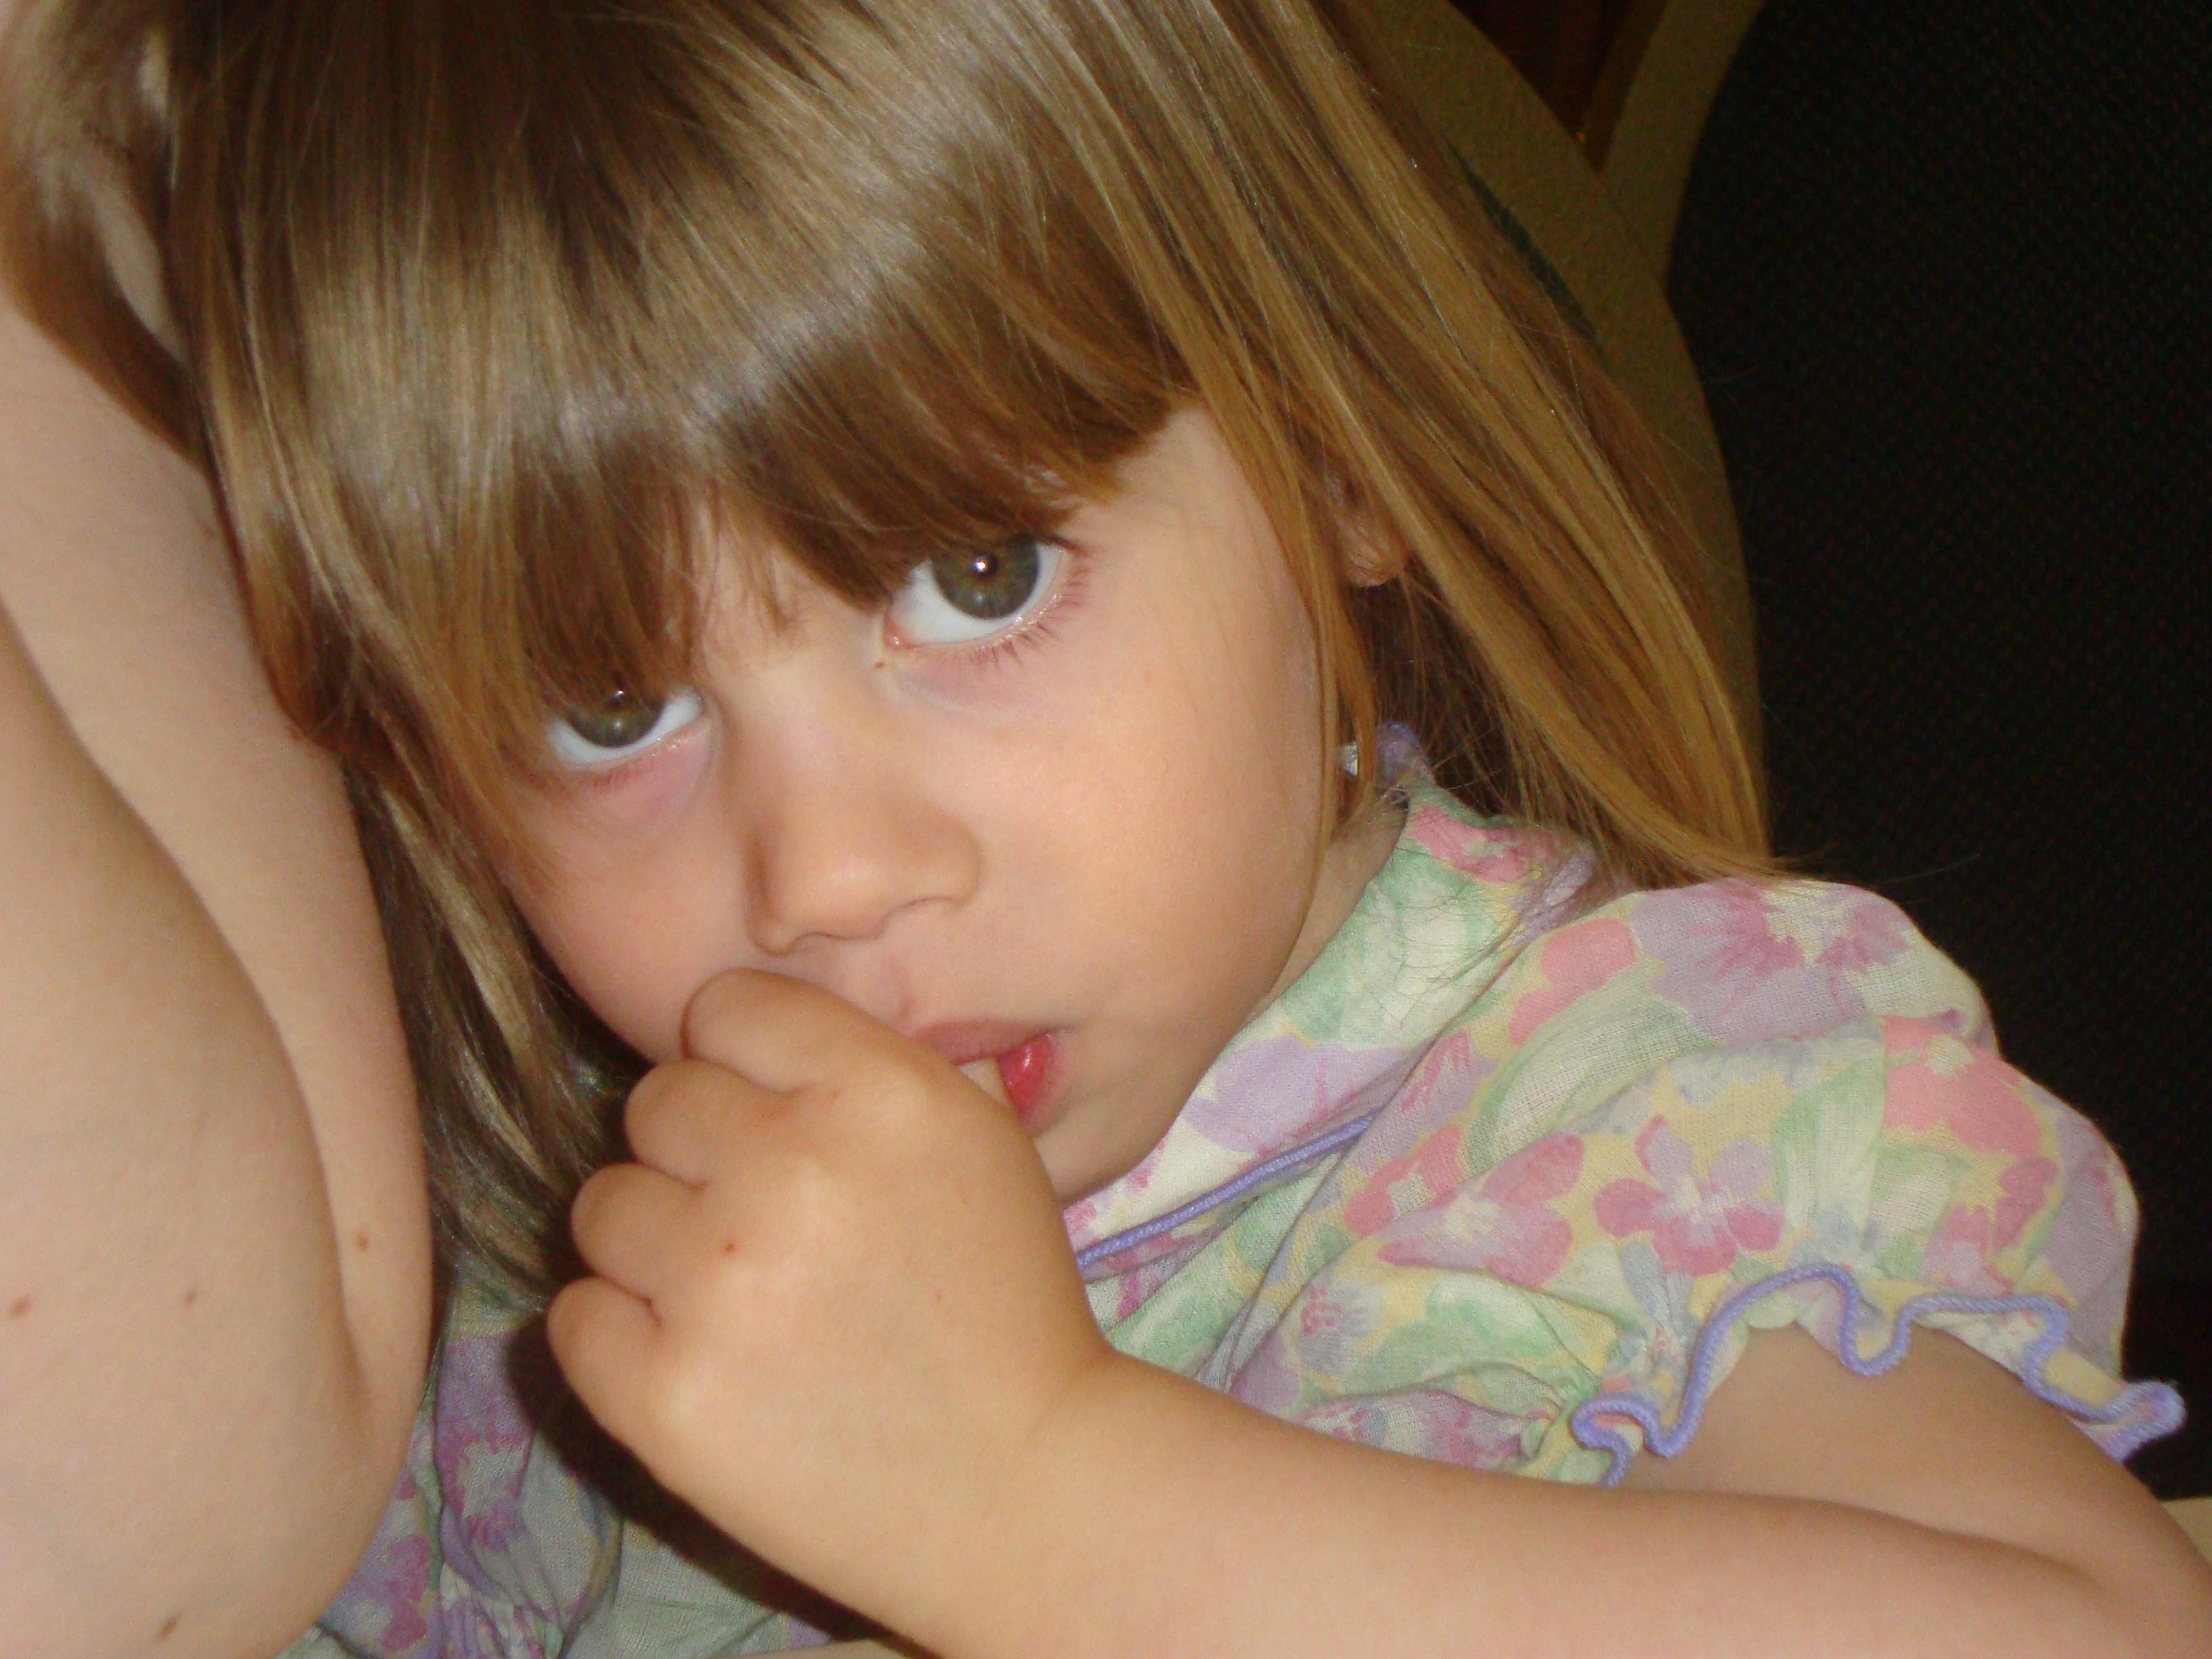 05 imgsrc.ru little girl